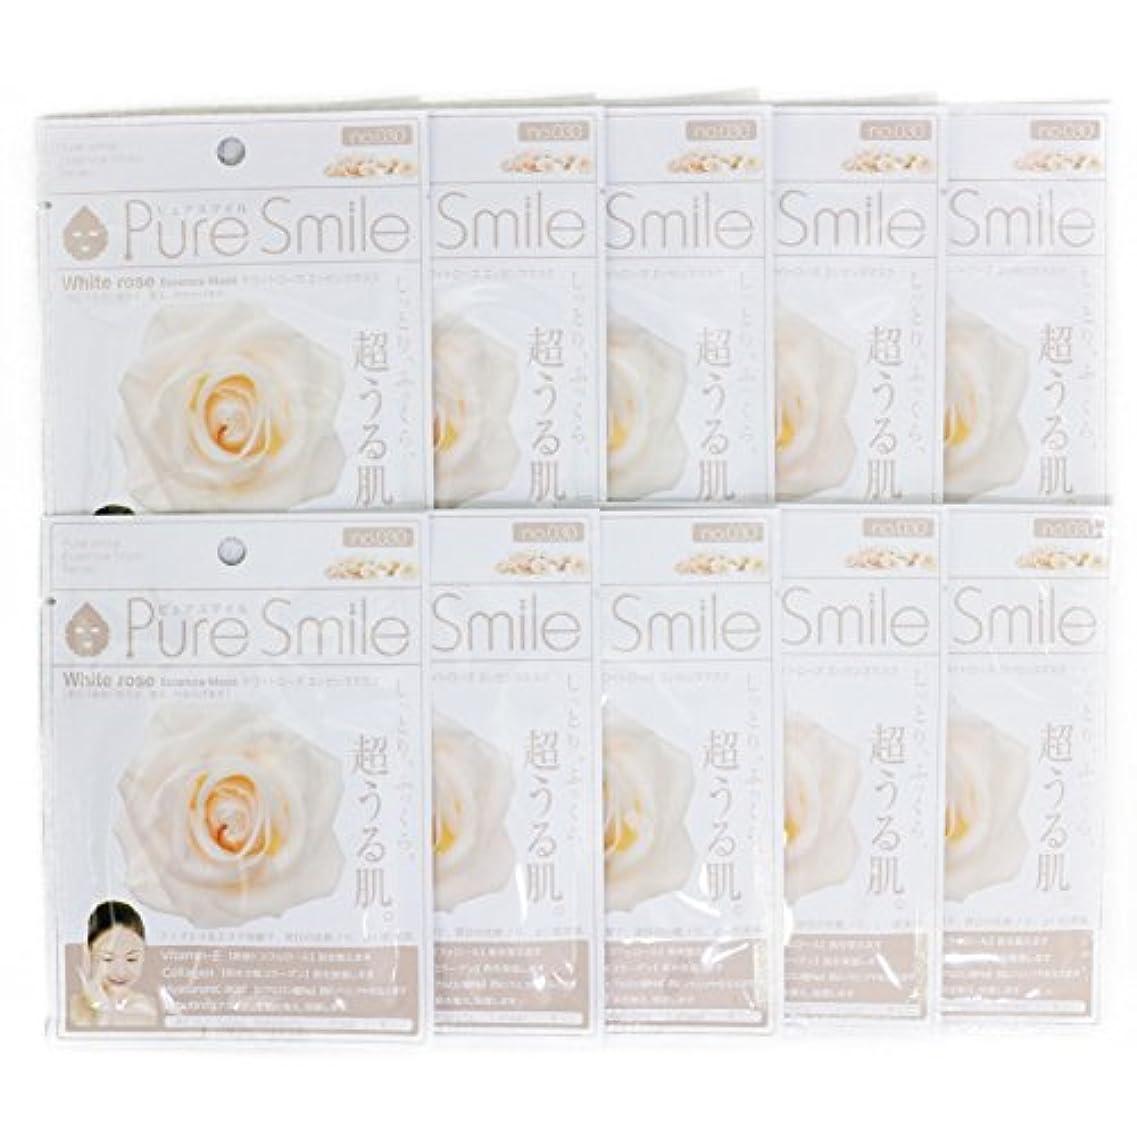 応答ノベルティ祝福Pure Smile ピュアスマイル エッセンスマスク ホワイトローズ 10枚セット